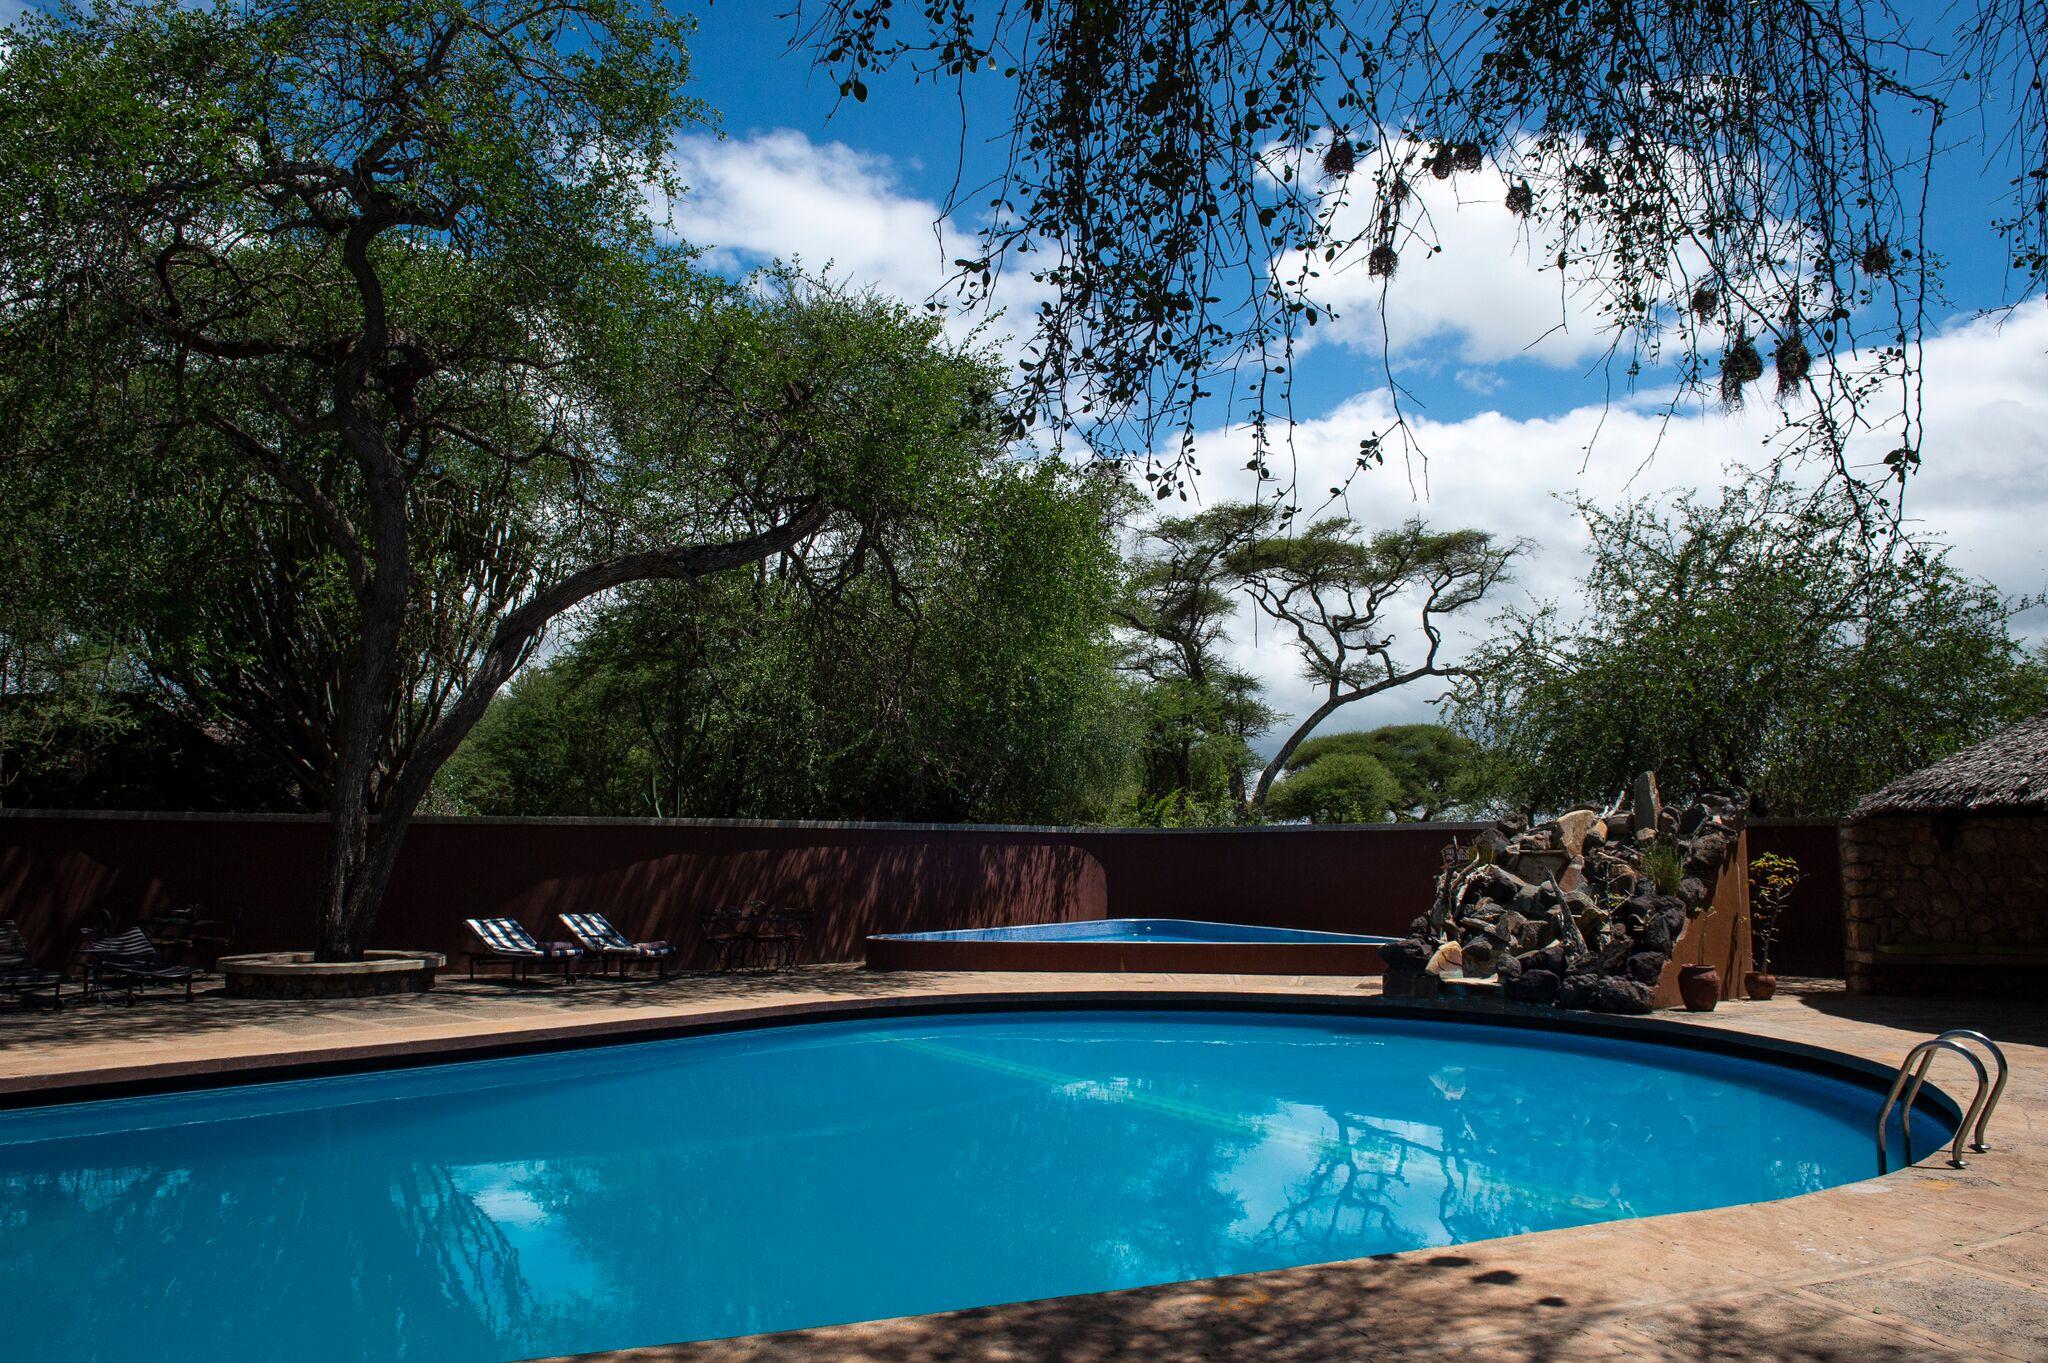 safari lodge2.jpg